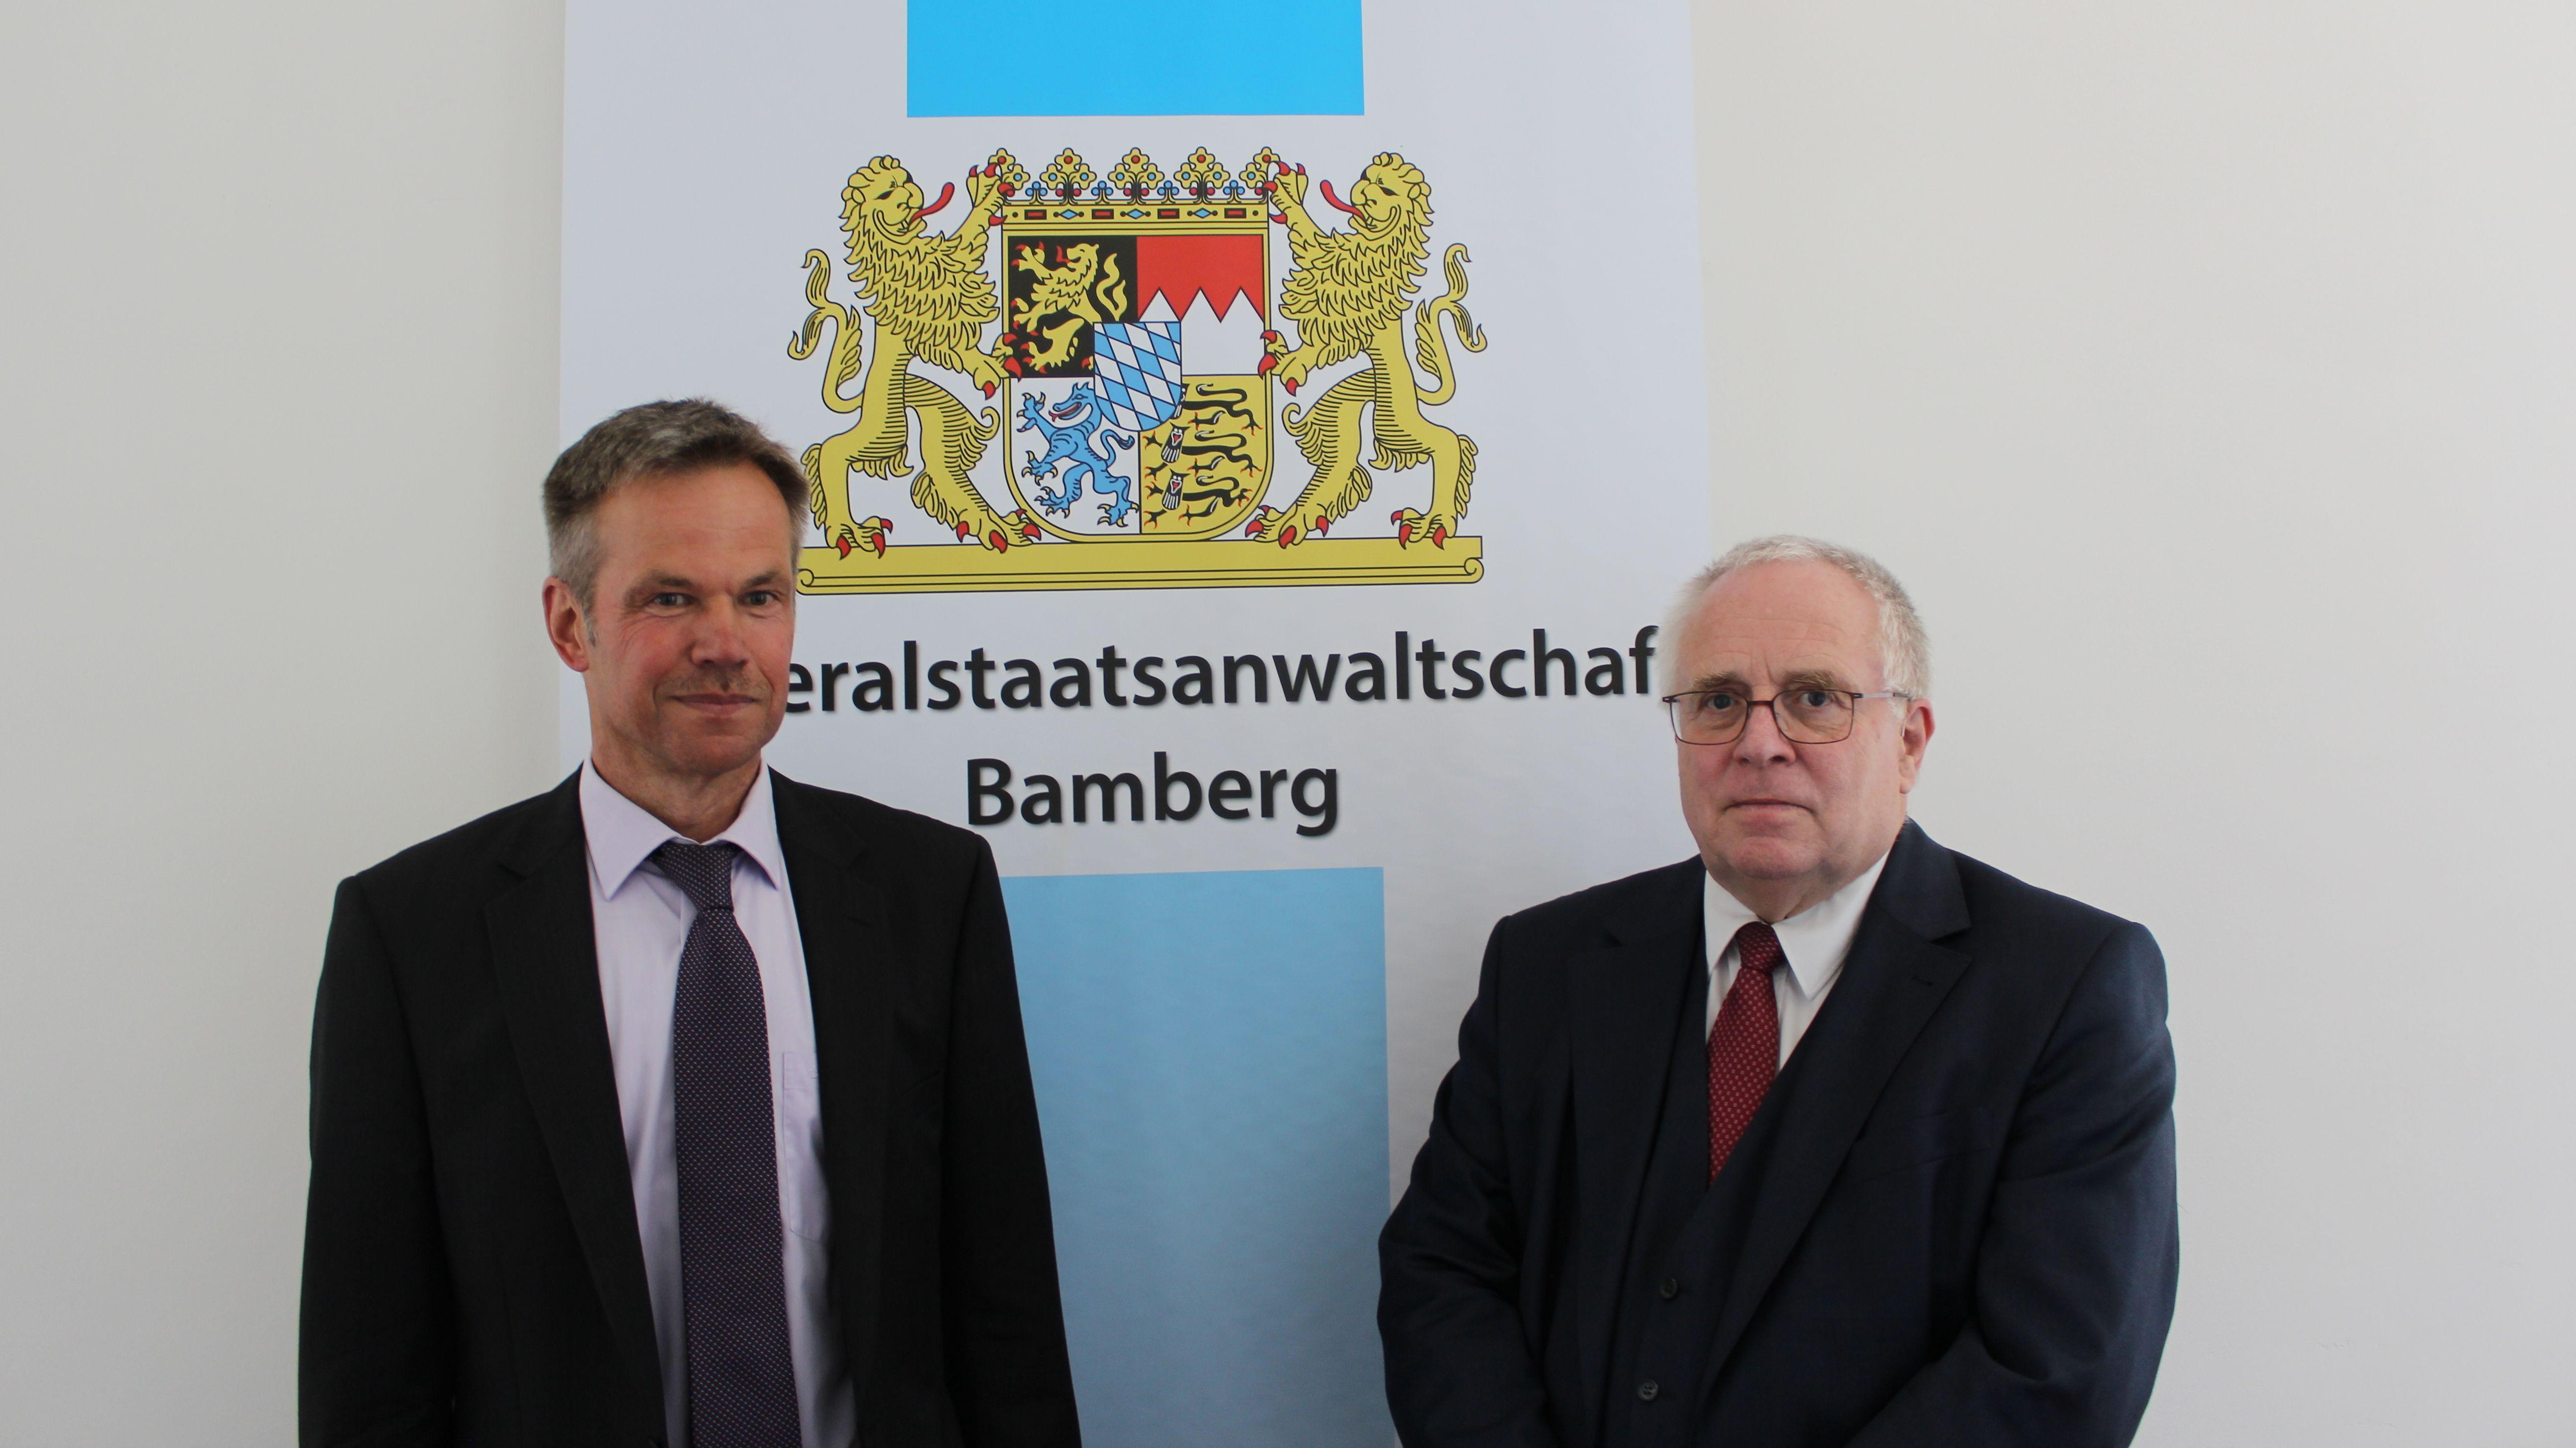 """Martin Dippold und Thomas Janovsky  stehen vor einem Aufsteller mit der Aufschrift """" Staatsanwaltschaft Bamberg"""""""